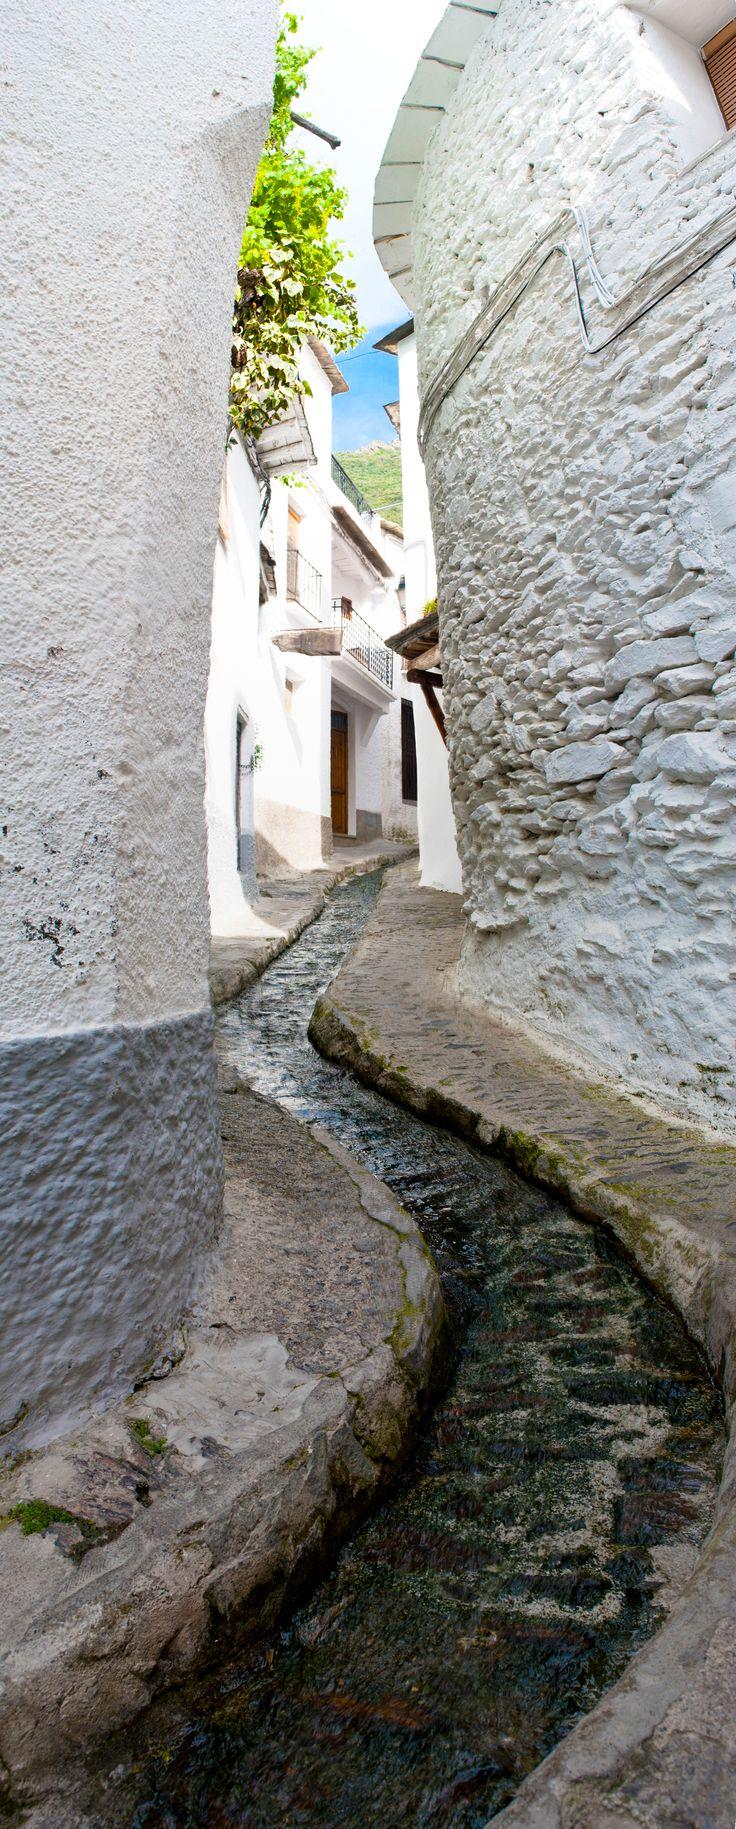 Acequias de Pampaneira,  es una localidad y municipio español perteneciente a la provincia de Granada, comunidad autónoma de Andalucía. Está situado en pleno barranco de Poqueira, en la parte centro-occidental de la Alpujarra Granadina, a unos 66 km de la capital provincial.. Limita con los municipios de Bubión, Capileira, La Taha, Órgiva, Carataunas y Soportújar.. Gran parte de su término municipal pertenece al *Parque Nacional de Sierra Nevada y al Conjunto Histórico del Barranco de…